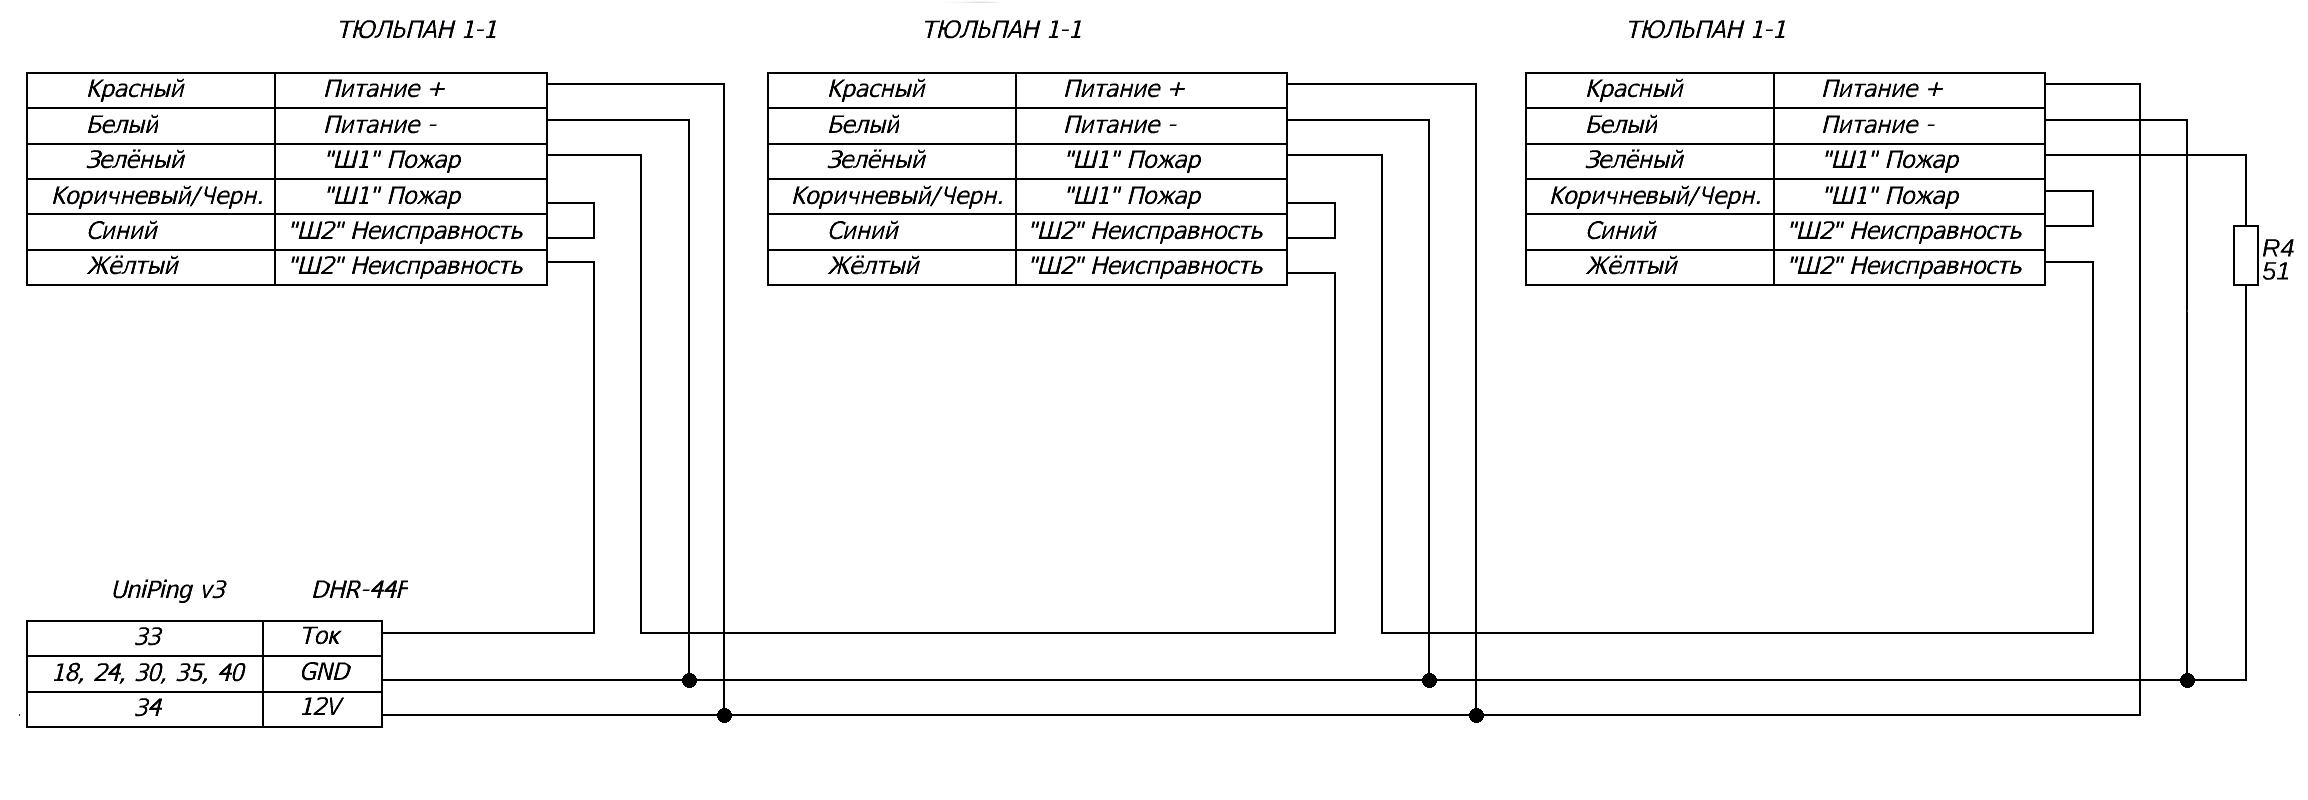 Подключение Извещателя пламени Тюльпан 1-1 (ИП 330-1-1) к устройству UniPing v3